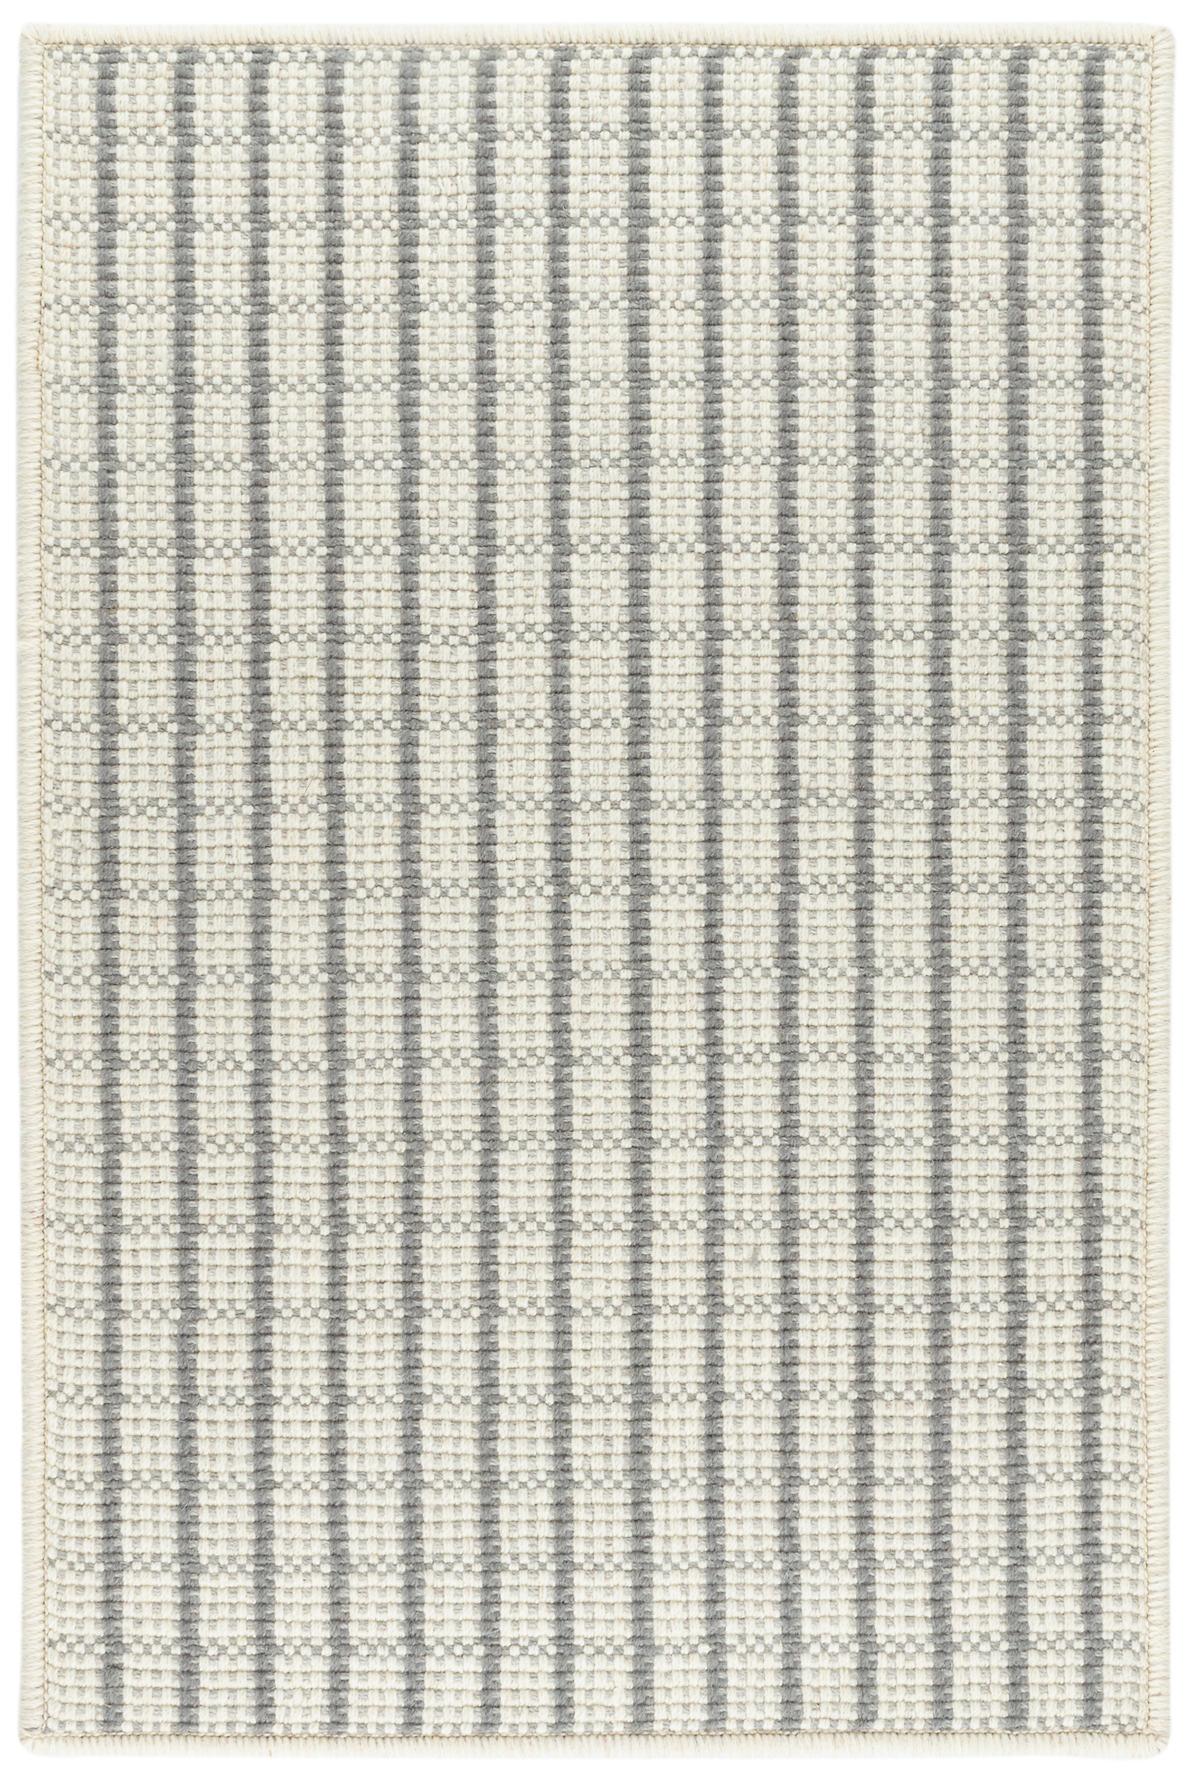 Lawrence Grey Woven Wool Rug